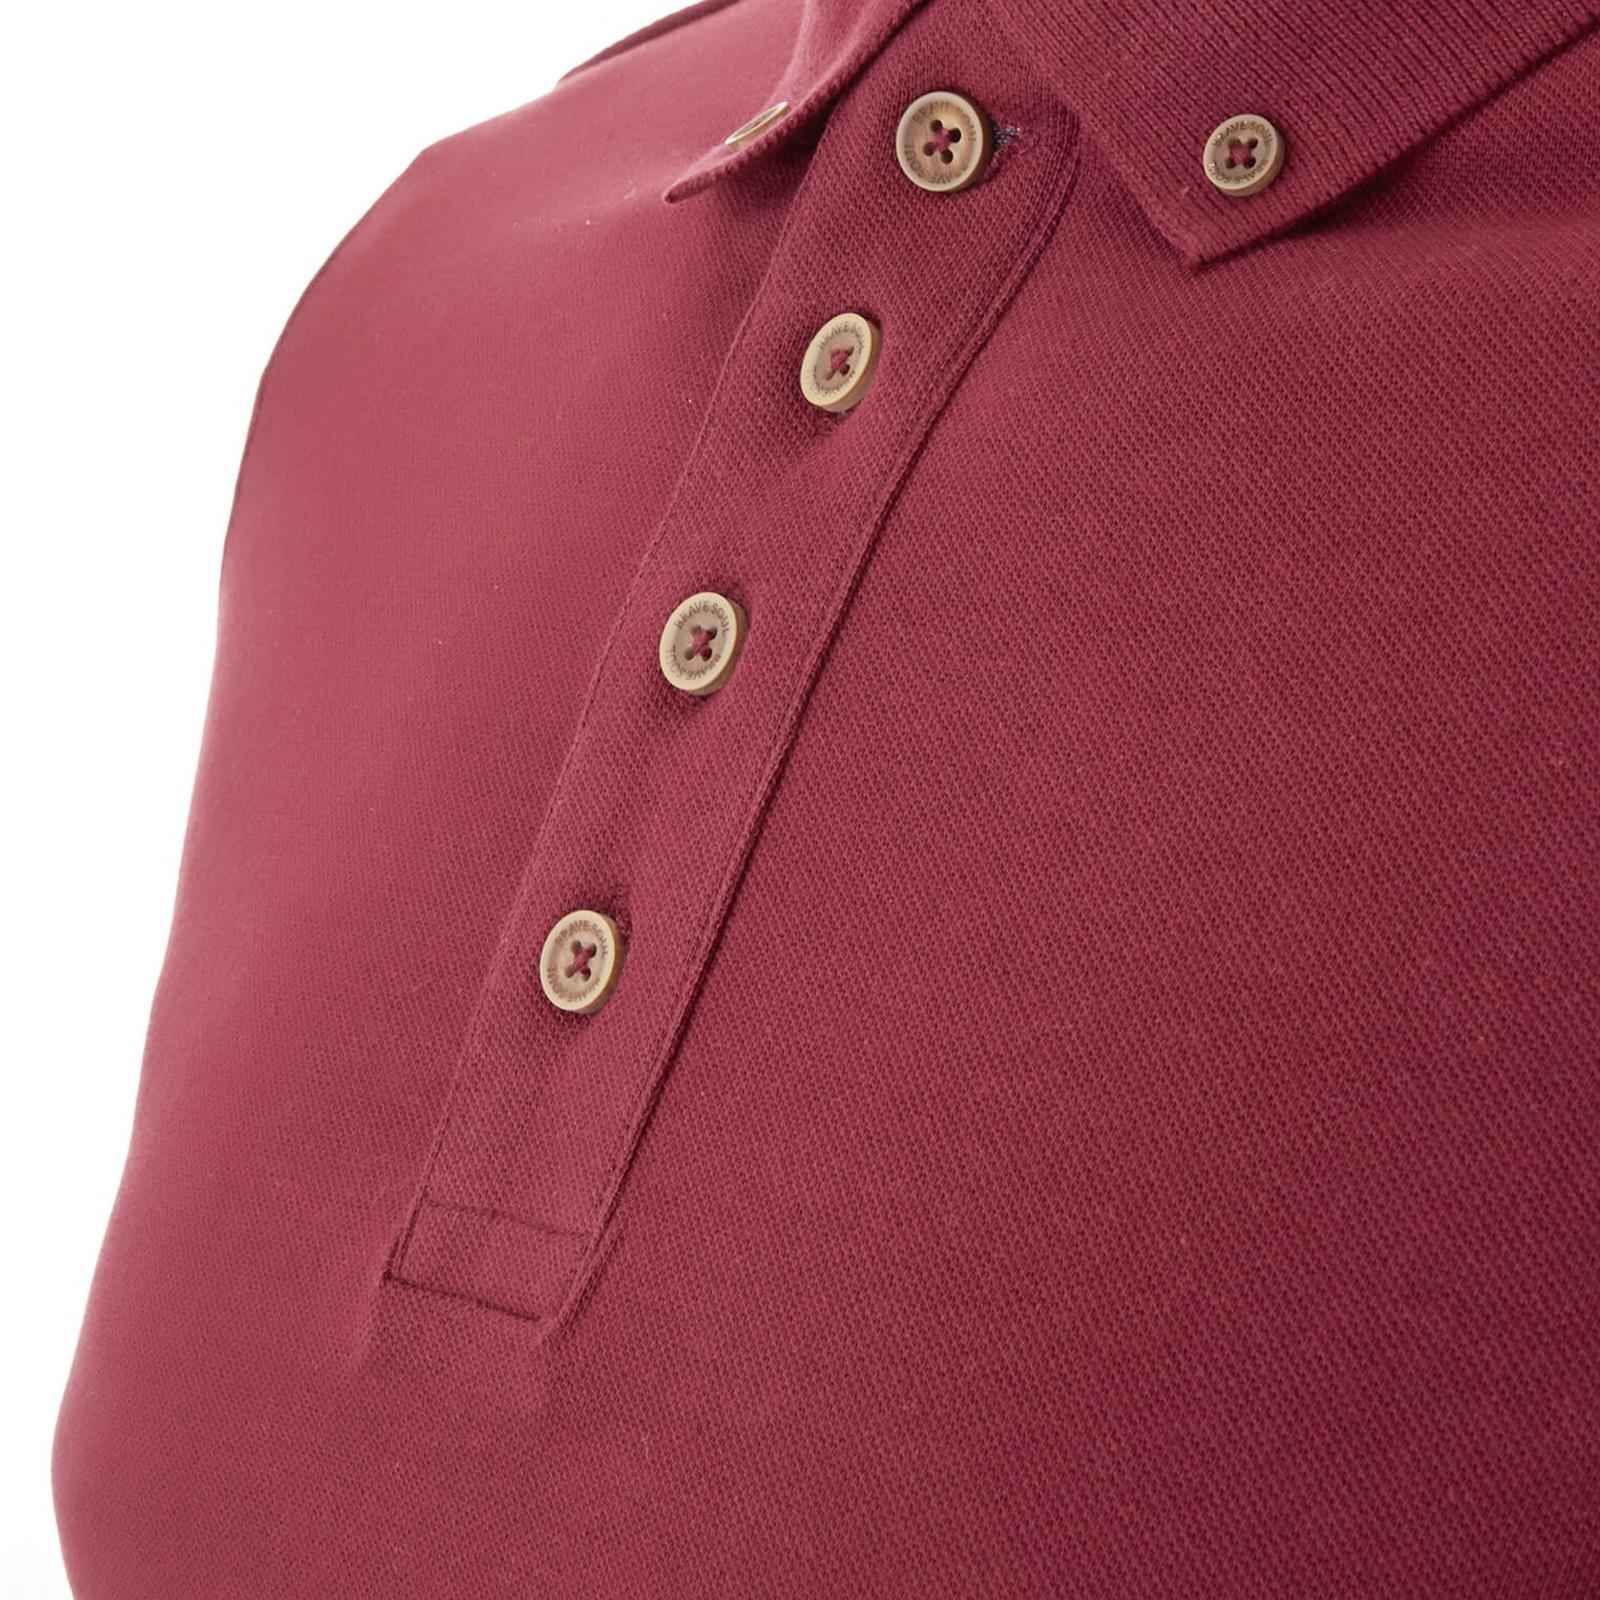 Homme-Polo-Brave-Soul-Lincoln-a-Manches-Longues-A-Col-Coton-Pique-Haut-Decontracte-Chemise miniature 4